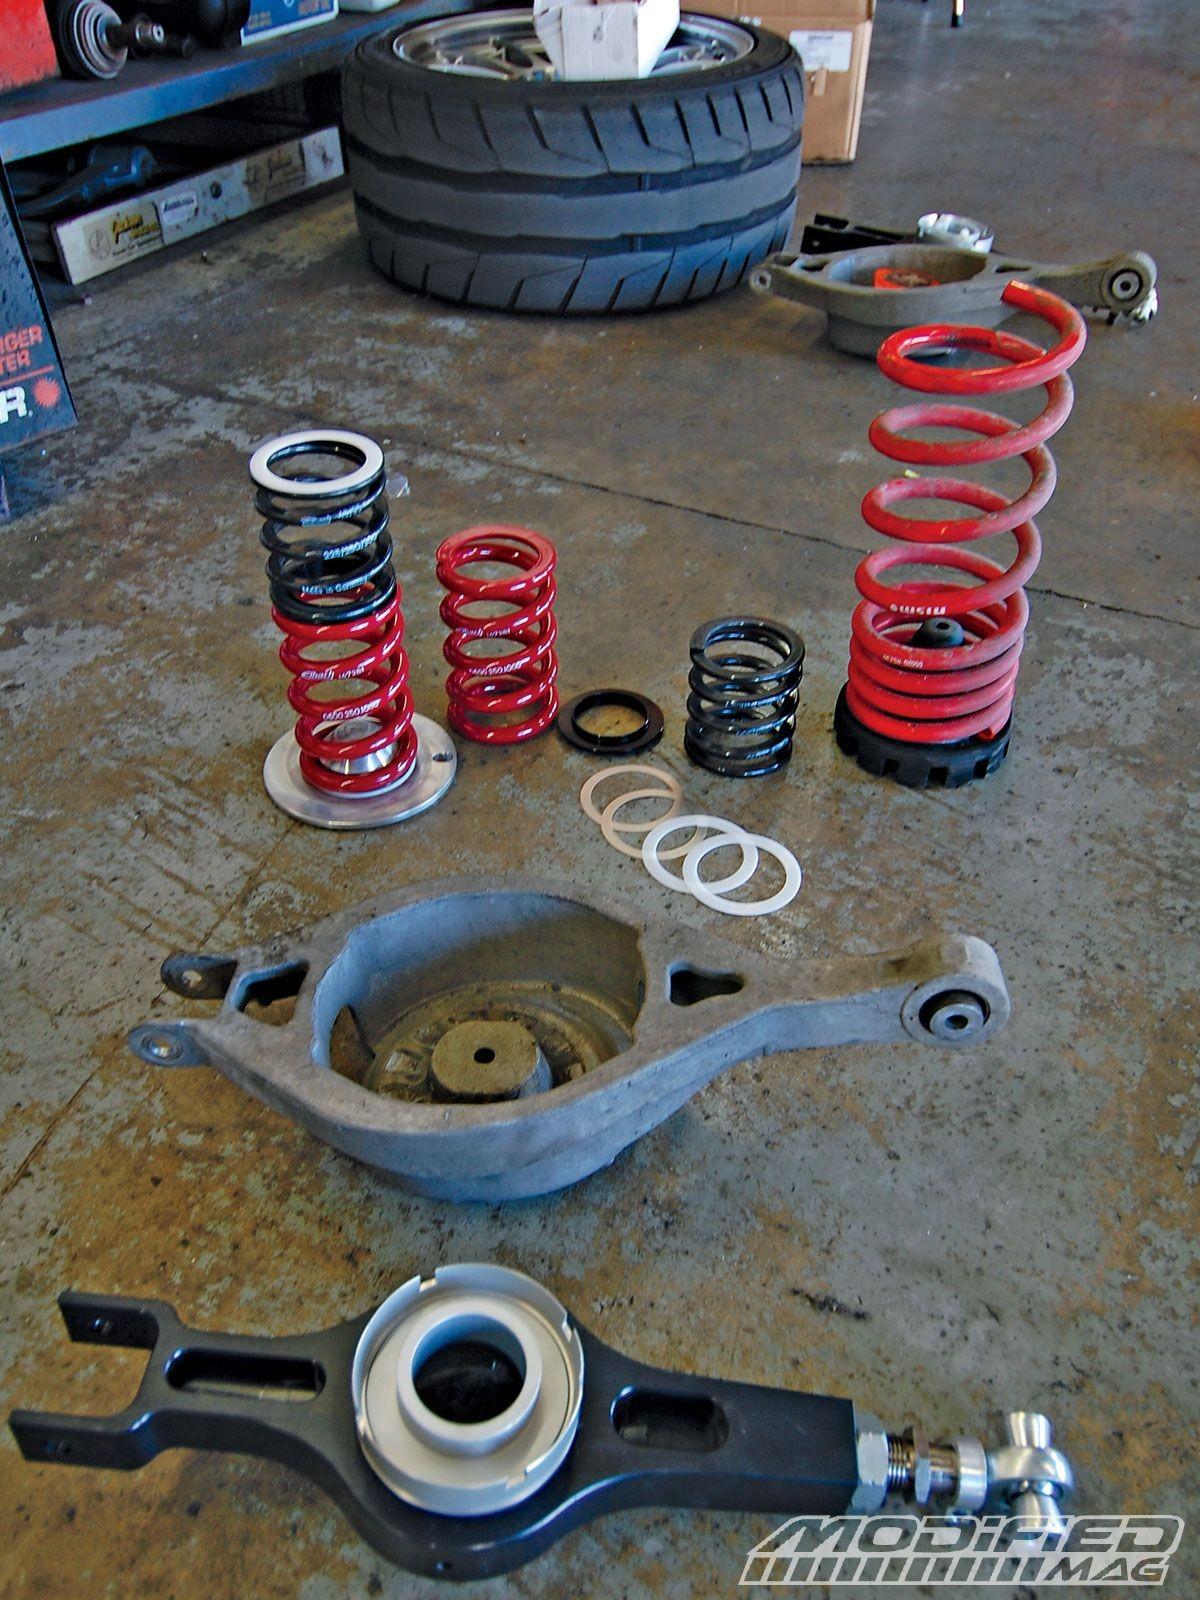 Nissan 350z Suspension Diagram 350z Rear Suspension Diagram Project 350z Suspension Install Of Nissan 350z Suspension Diagram